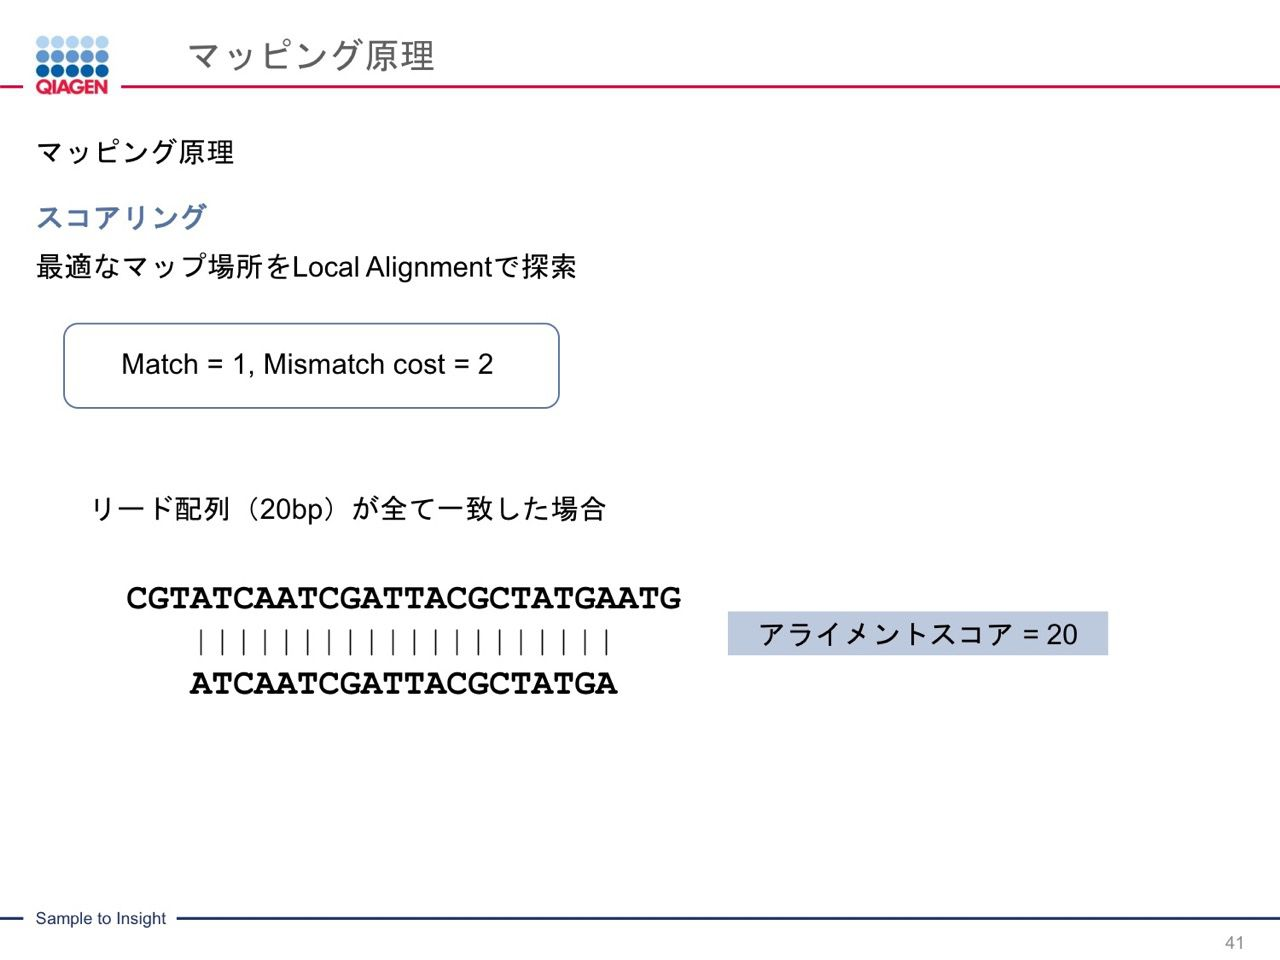 images/AJACSa2_miyamoto_041.jpg